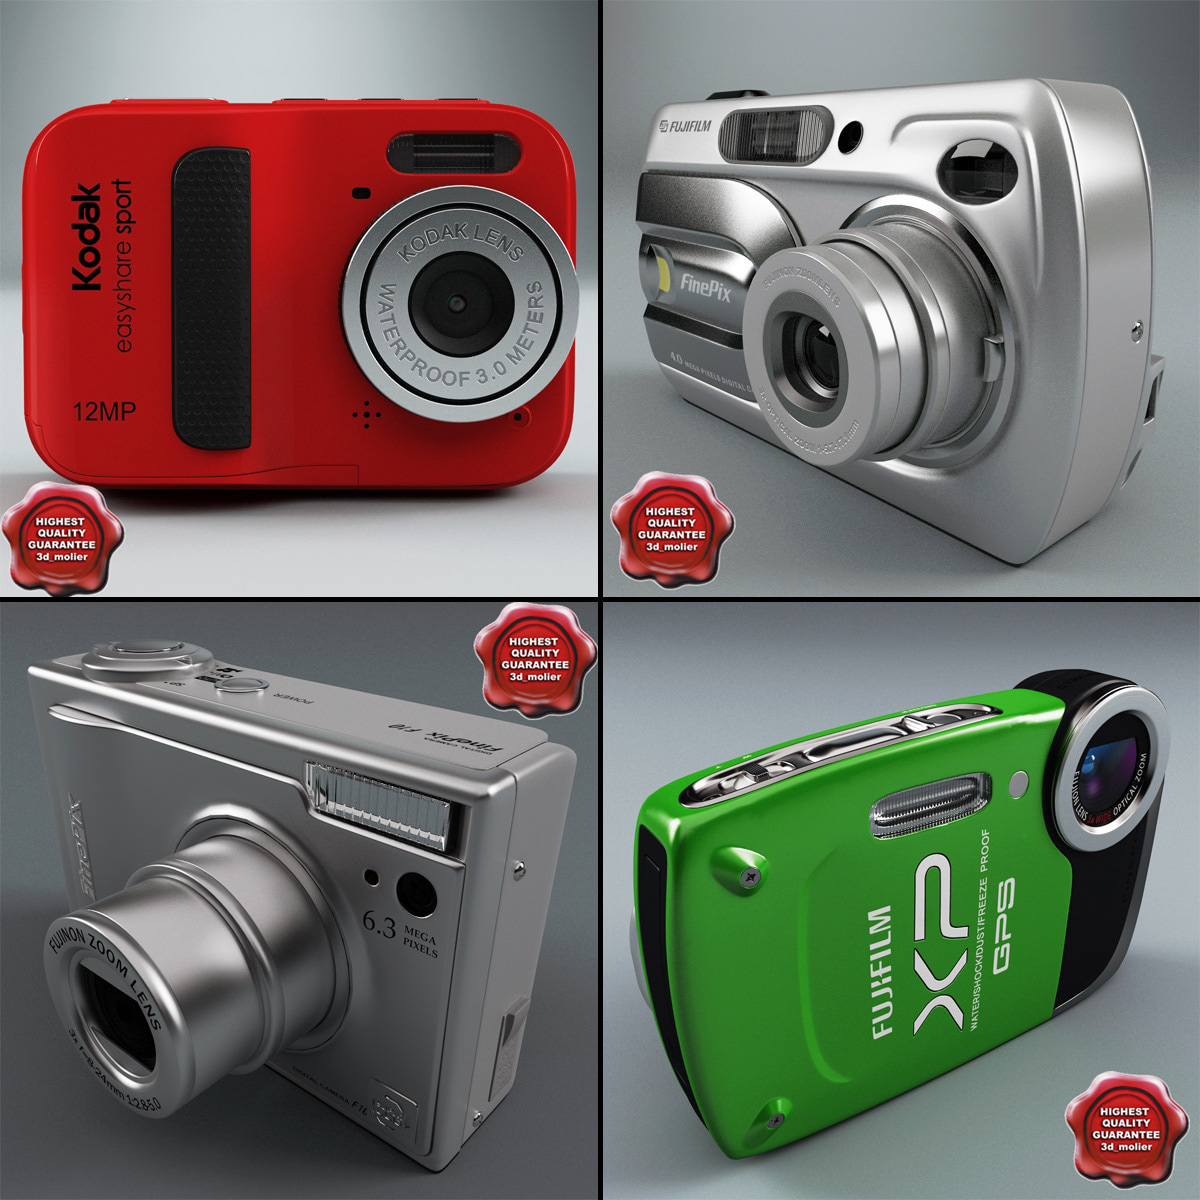 Digital_Cameras_Collection_V3_00.jpg